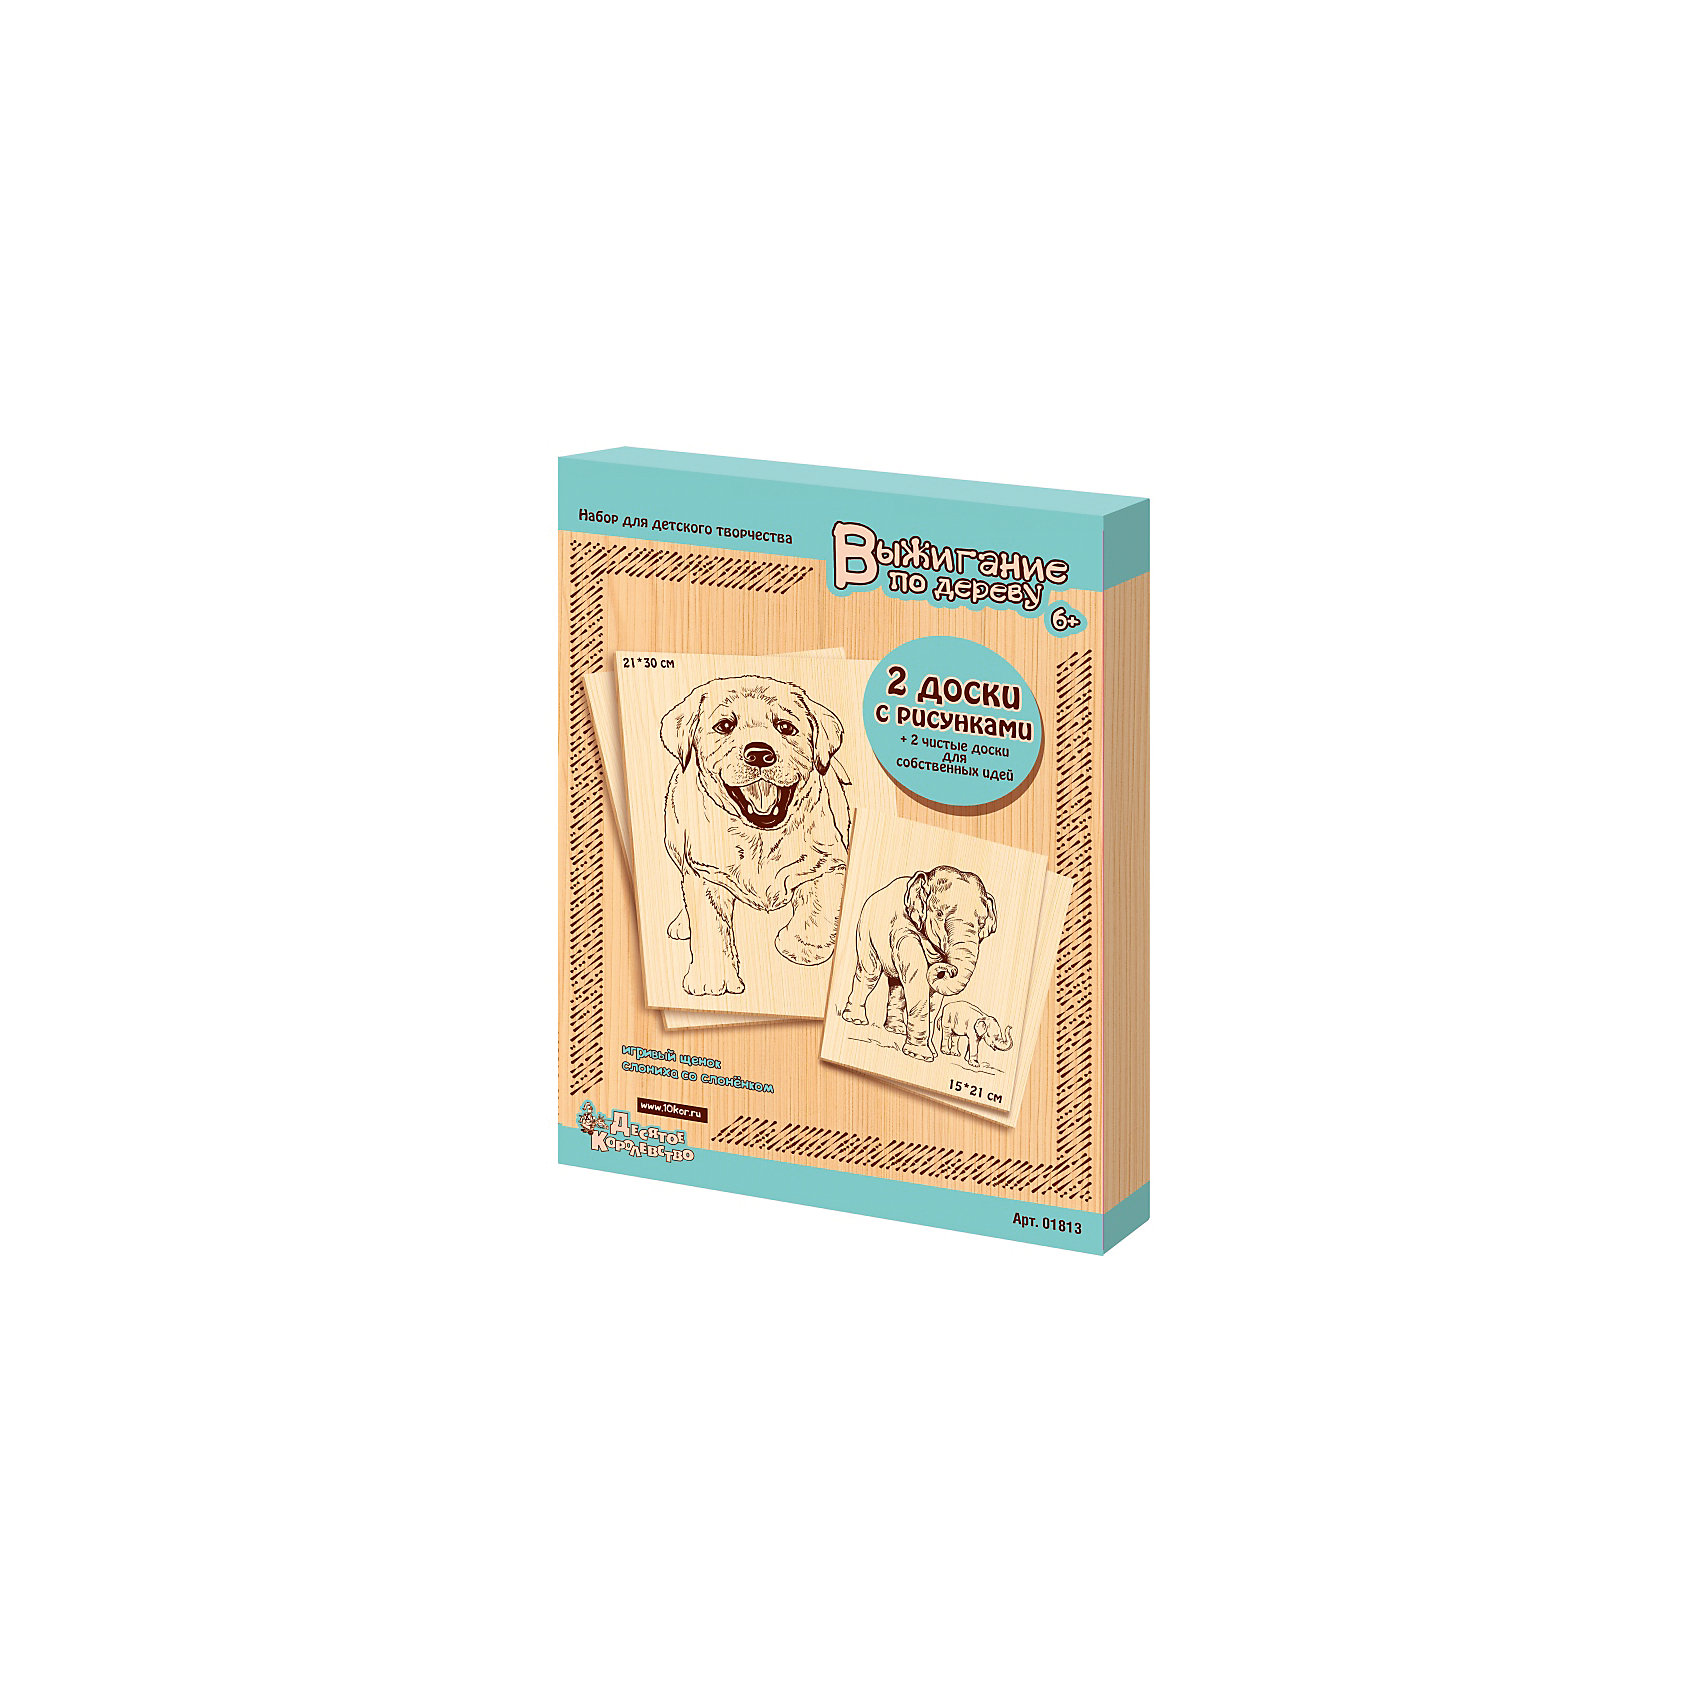 Доска для выжигания Игривый щенок/Слониха со слоненком, Десятое королевствоНаборы для выжигания<br>Доска для выжигания Игривый щенок/Слониха со слоненком, Десятое королевство<br><br>Характеристики: <br><br>• В наборе: 2 фанерки с рисунком, 2 чистые<br>• Материал: шлифованная фанера<br>• Размер: 30х21 и 21х15<br>• Толщина: 4мм<br>• Возраст: от 7 лет<br><br>Этот замечательный набор поможет ребенку освоить новую творческую деятельность - выжигание по дереву! Этот способ позволит быстро и легко сделать оригинальные подарки своим близким, развить мелкую моторику и научиться усидчивости и аккуратности. В набор входят 2 заготовки с нанесенными контурами и 2 фанерки без рисунка. Рисунки разработаны так, чтобы ребенок мог легко их повторить и почувствовать себя настоящим мастером.<br><br>Доска для выжигания Игривый щенок/Слониха со слоненком, Десятое королевство можно купить в нашем интернет-магазине.<br><br>Ширина мм: 310<br>Глубина мм: 220<br>Высота мм: 20<br>Вес г: 551<br>Возраст от месяцев: 84<br>Возраст до месяцев: 2147483647<br>Пол: Унисекс<br>Возраст: Детский<br>SKU: 5471618